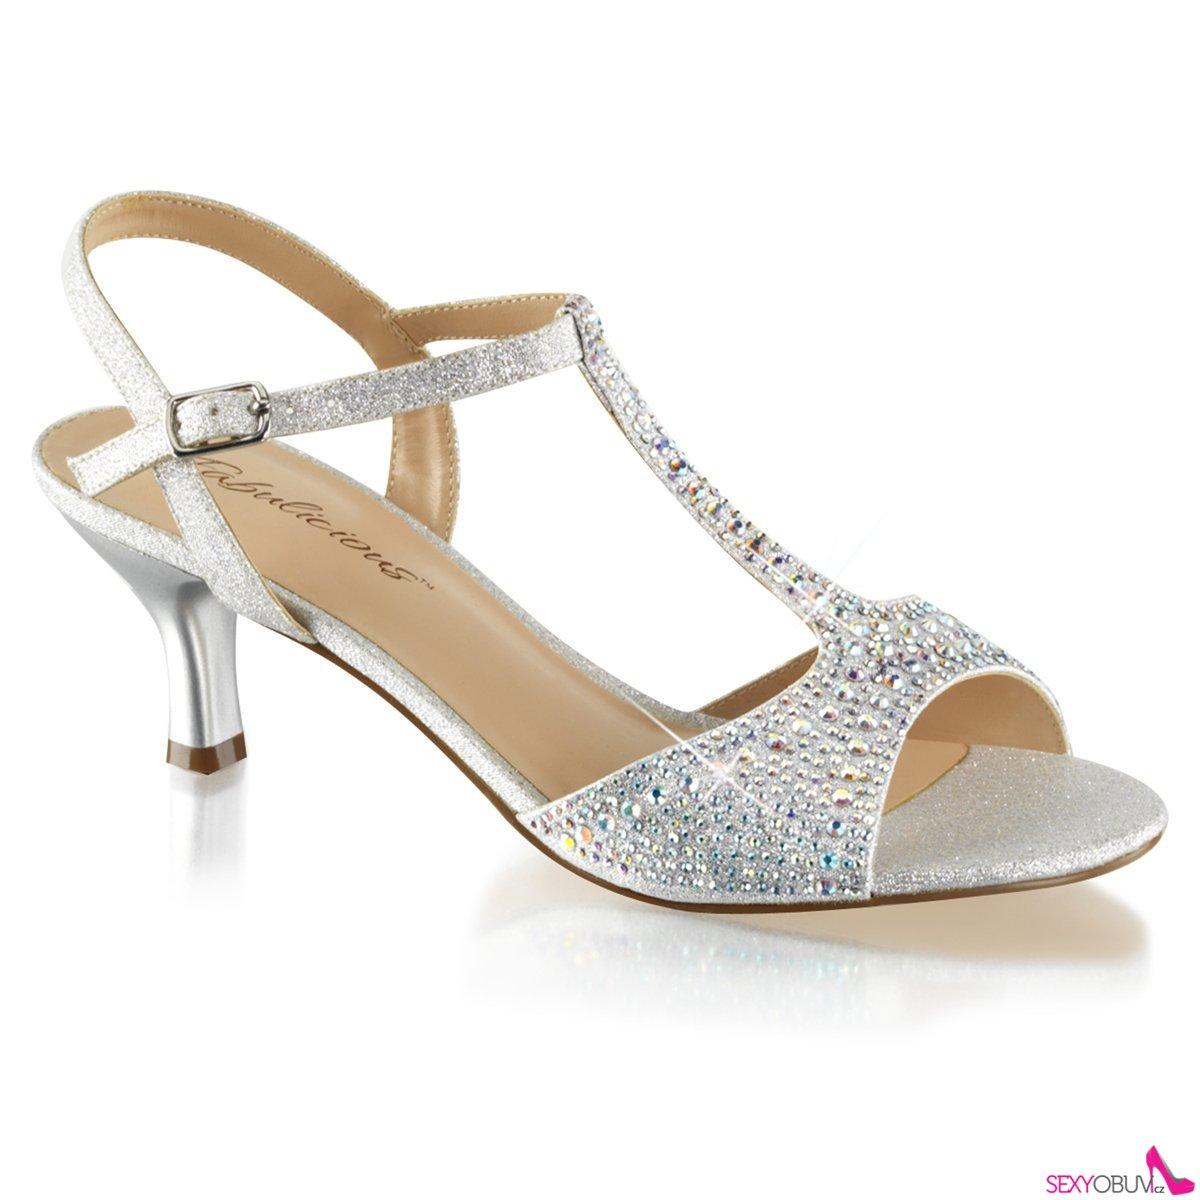 0bdadd8d4a AUDREY-05 Stříbrné společenské sandály